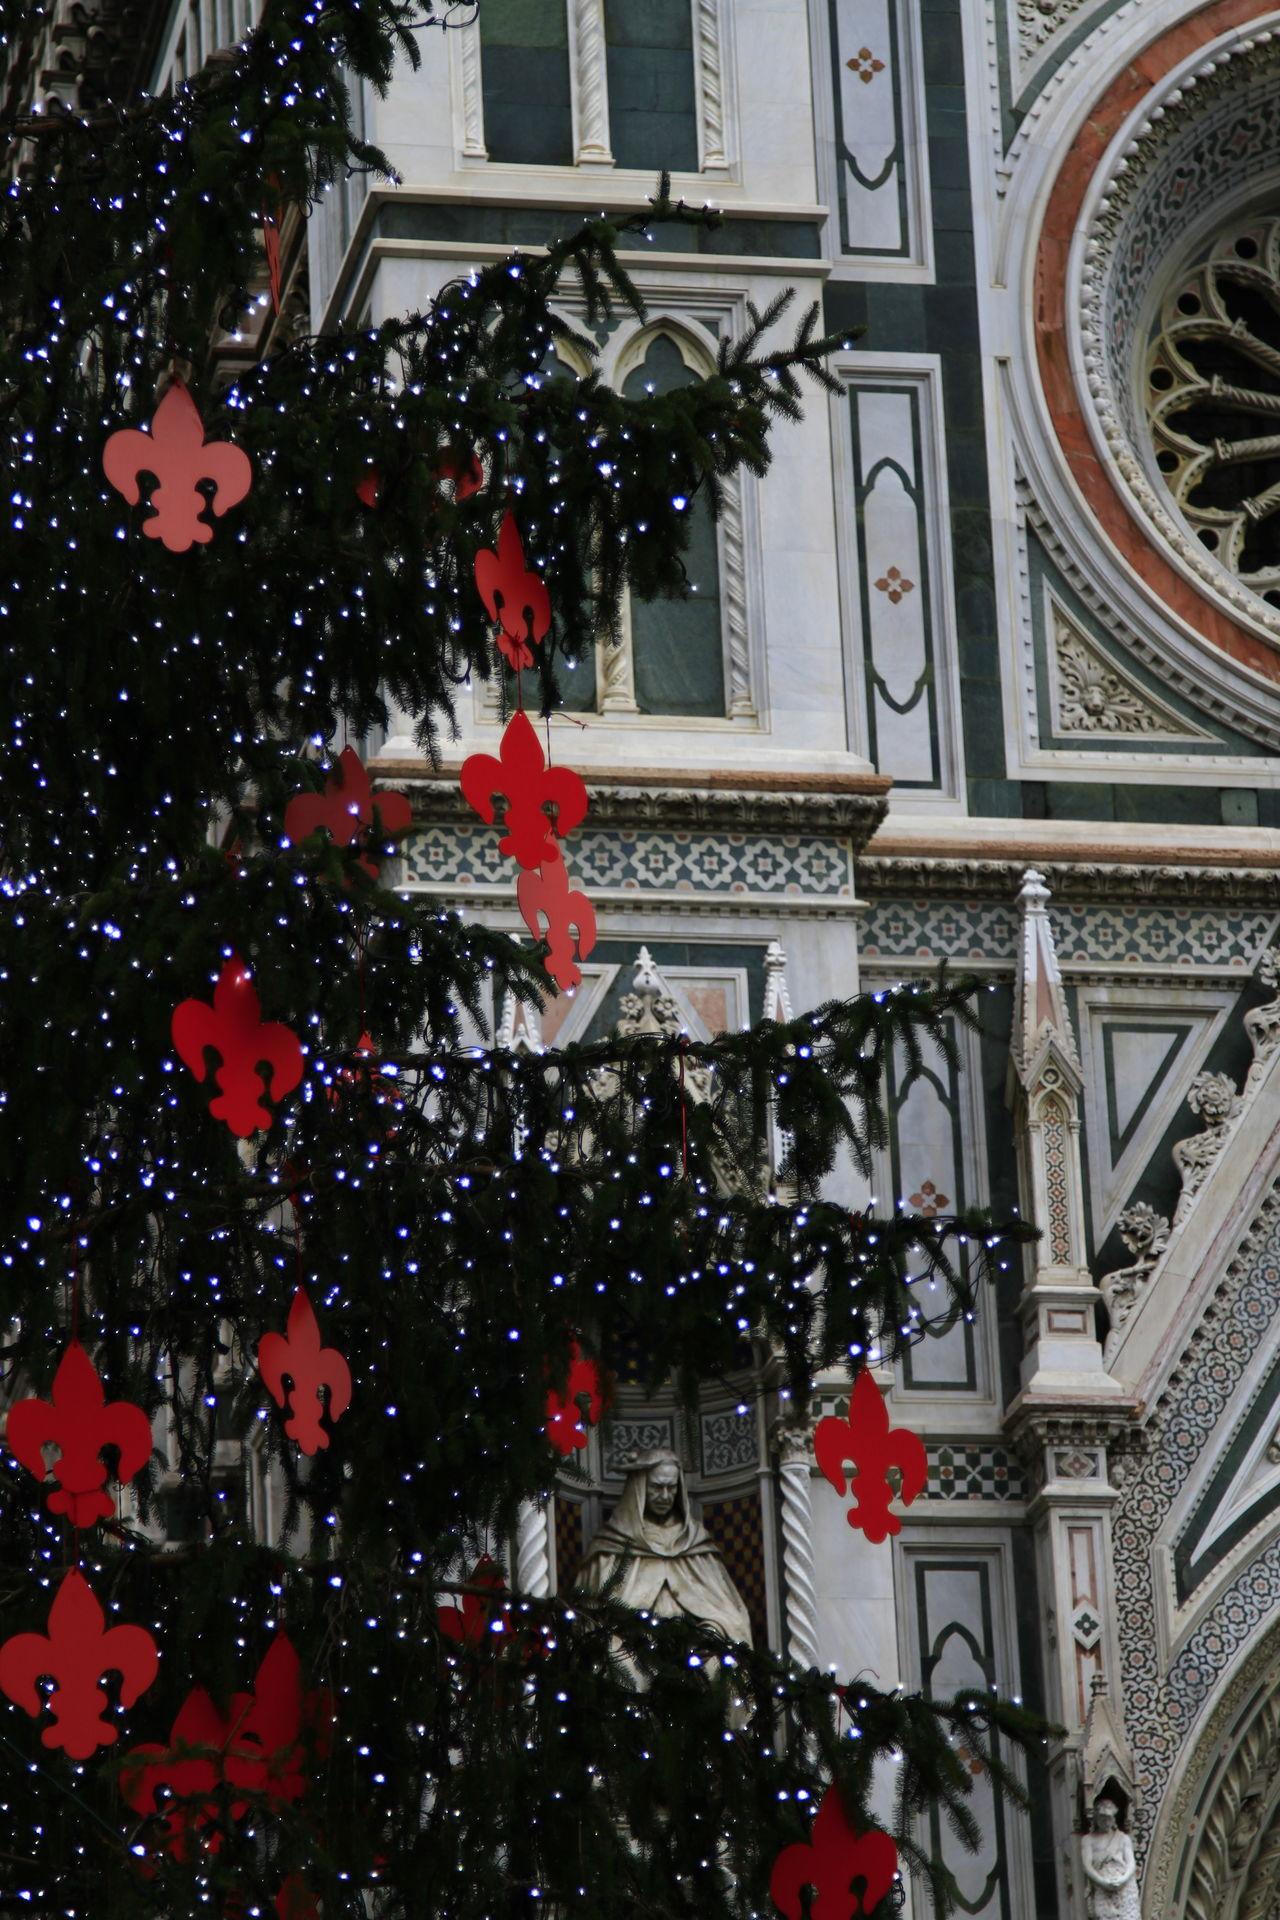 Albero Di Natale Creativity Firenze Natale 2015 Tradition Tree Xmas Xmas Tree